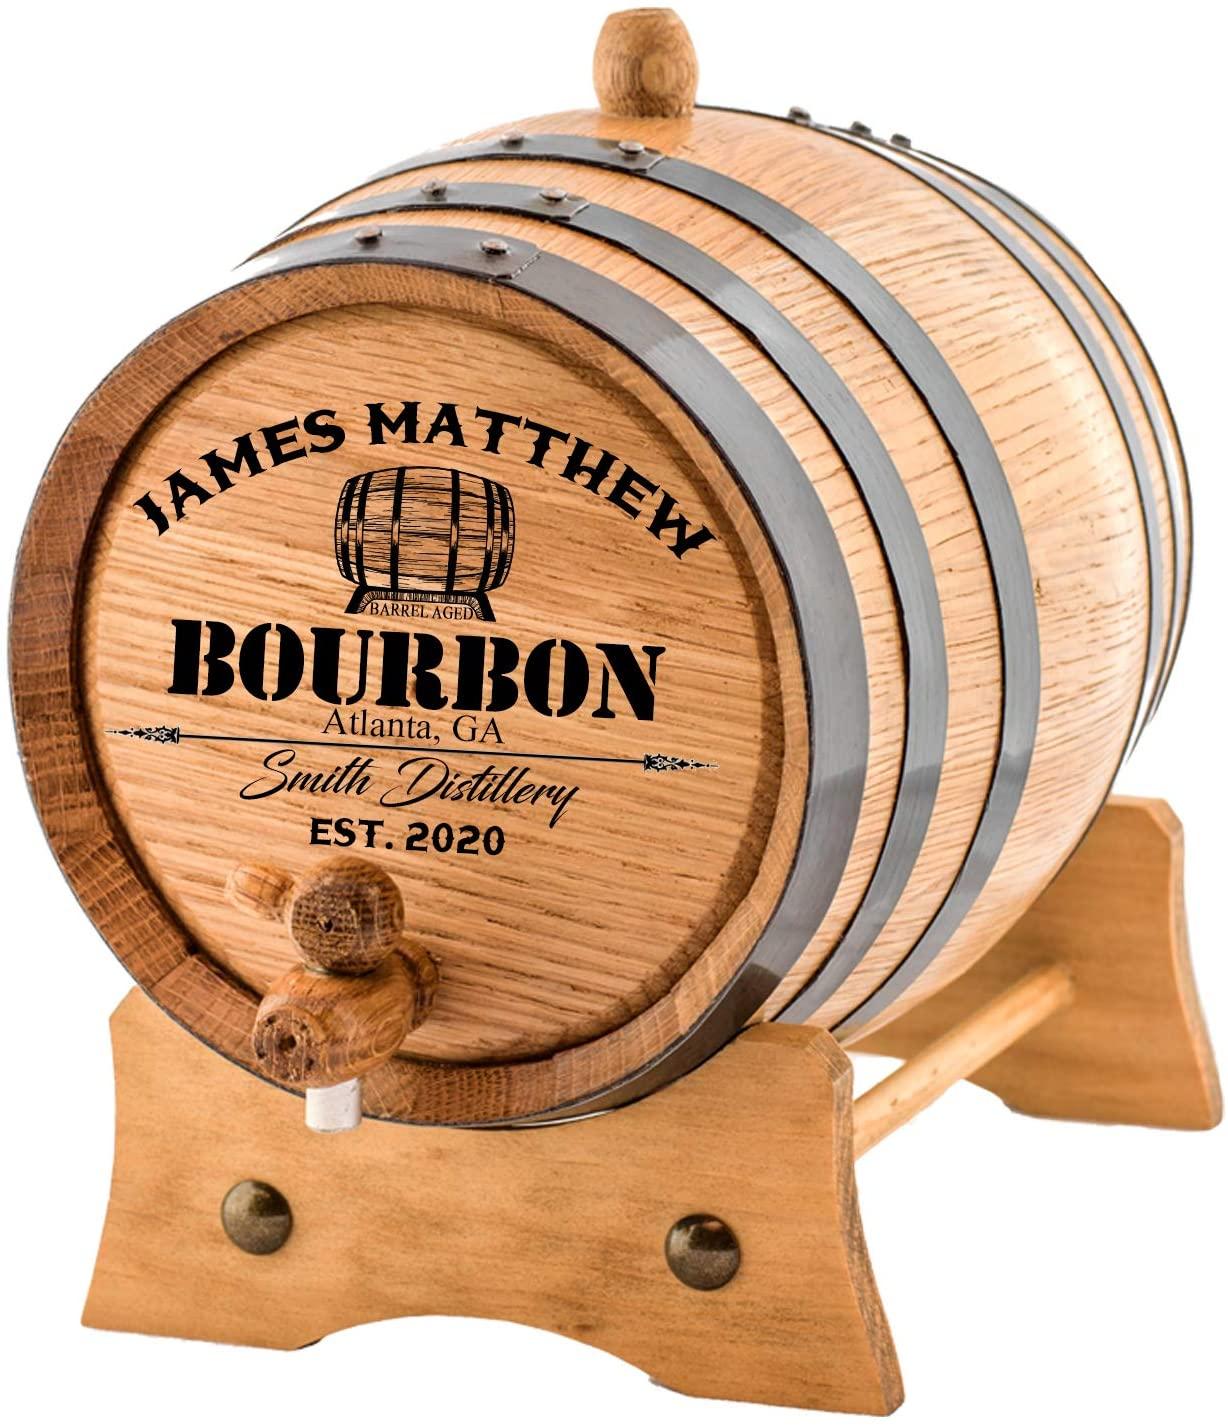 Personalized - Custom American White Oak Bourbon Aging Barrel - Oak Barrel Aged (1 Liter, Black Hoops)